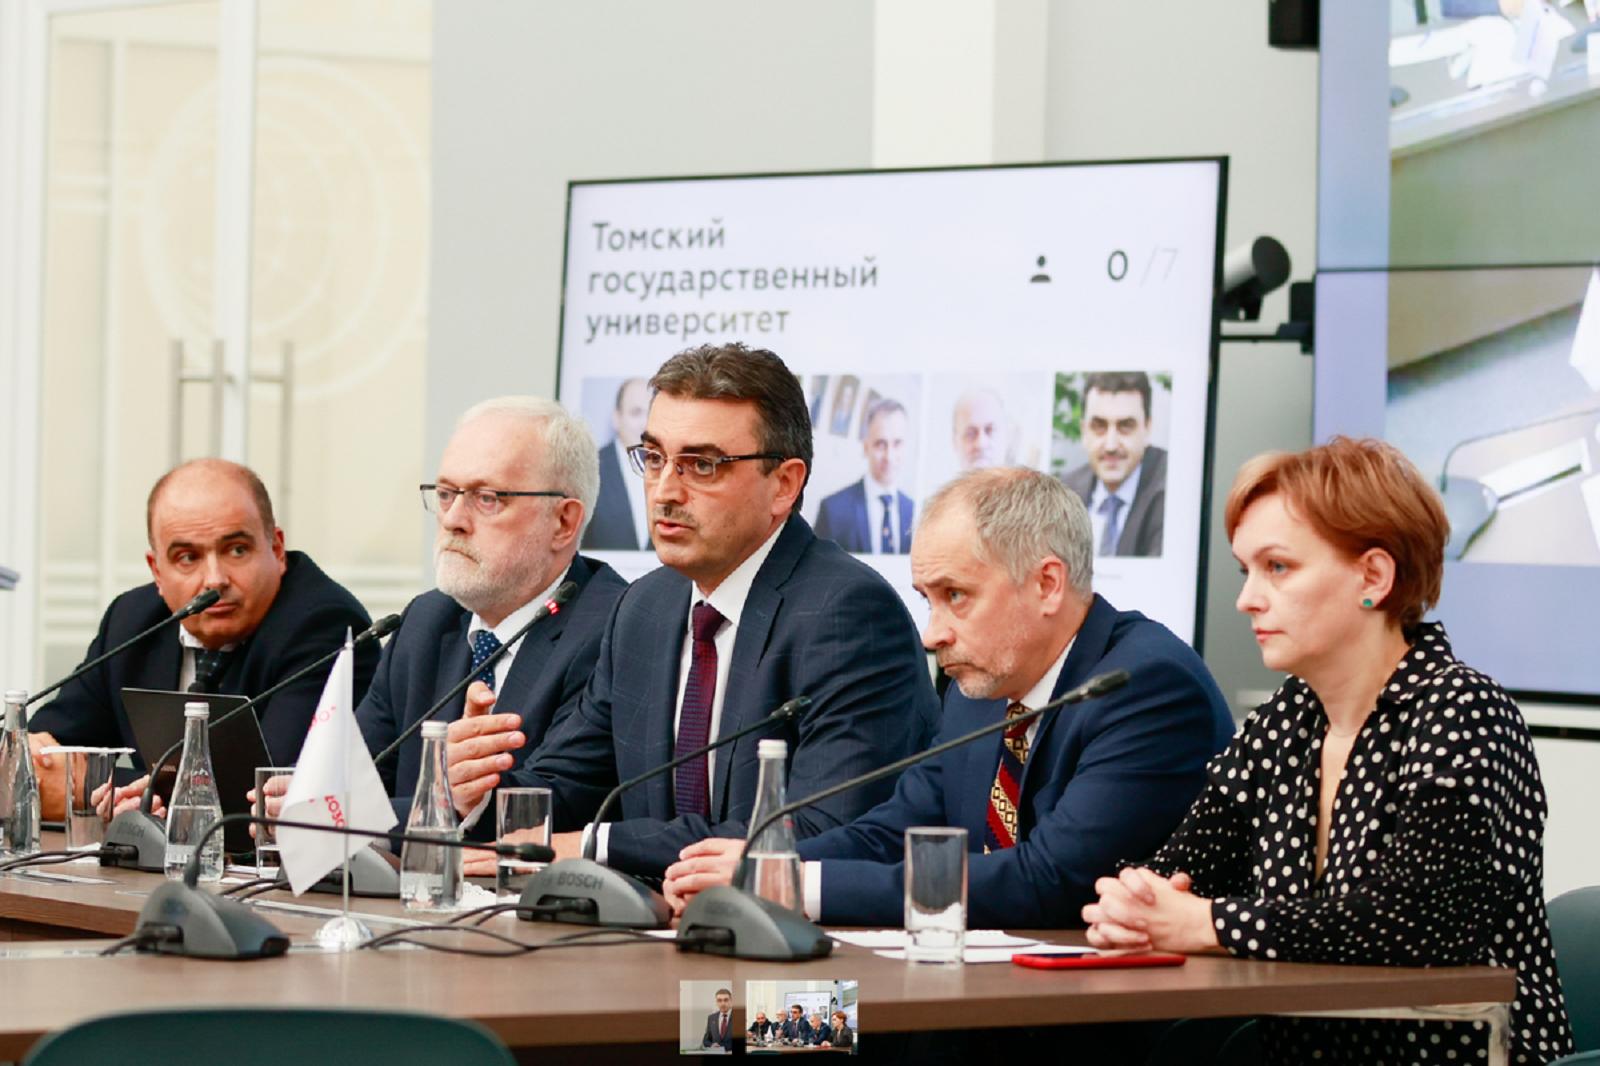 托木斯克国立大学借助优先2030计划将成为推动创新发展的引擎插图-小狮座俄罗斯留学